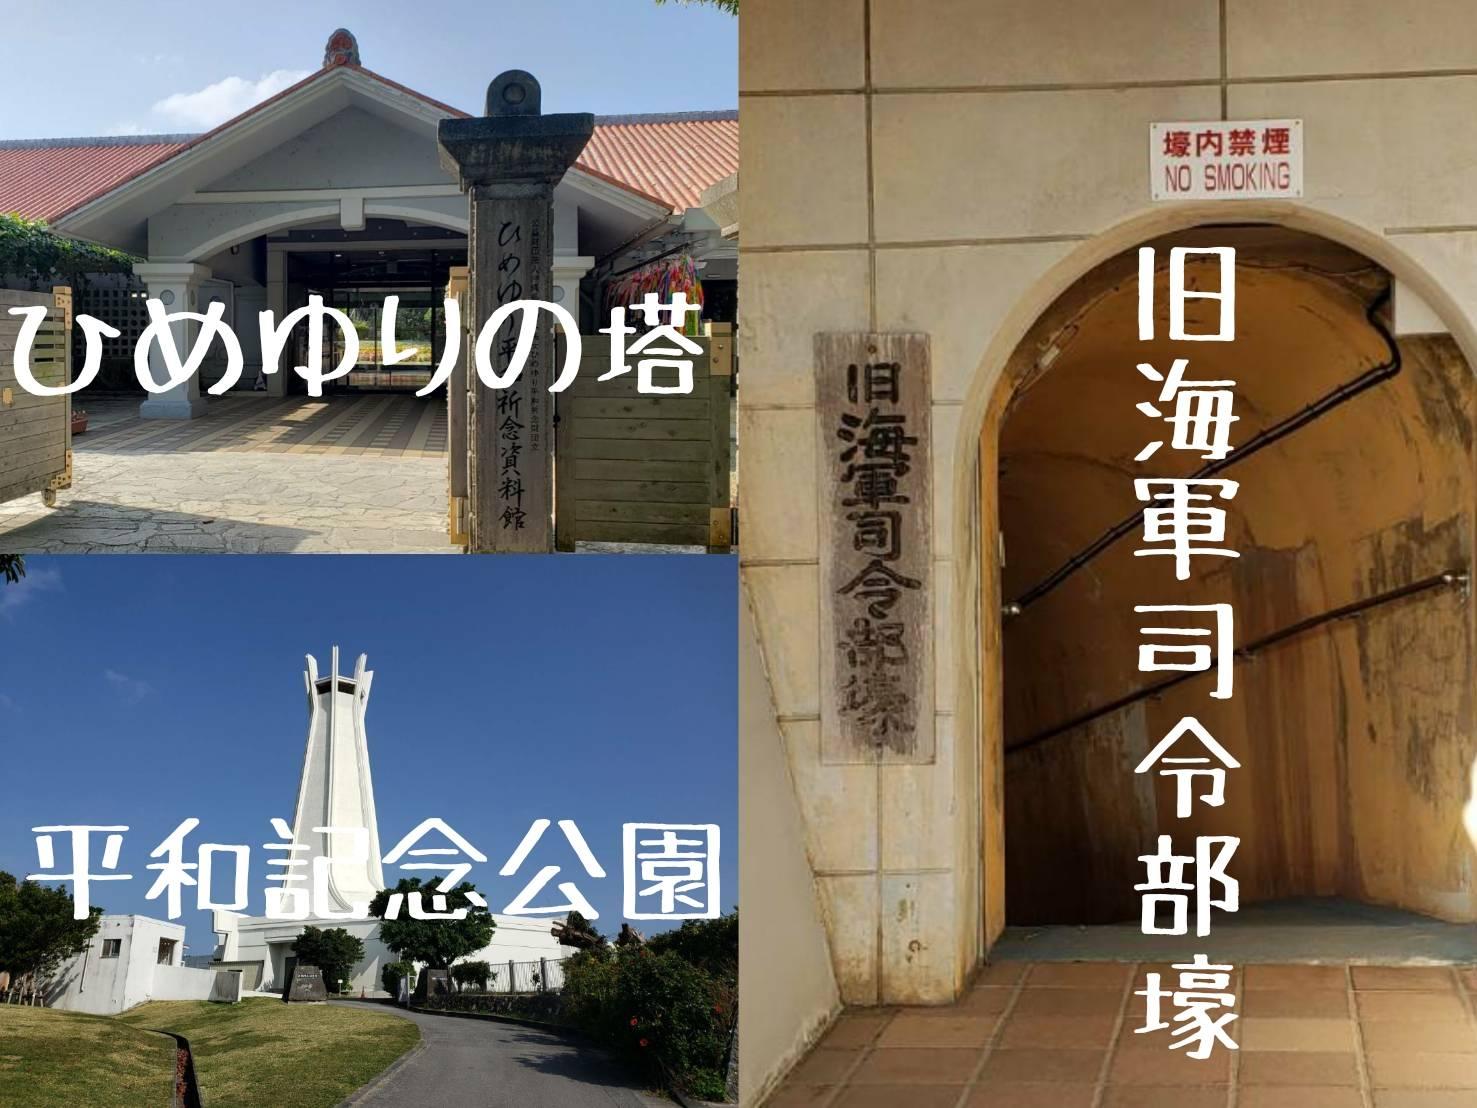 ★沖縄おすすめポイント紹介★沖縄の歴史を学ぶ!(@慰霊の塔)